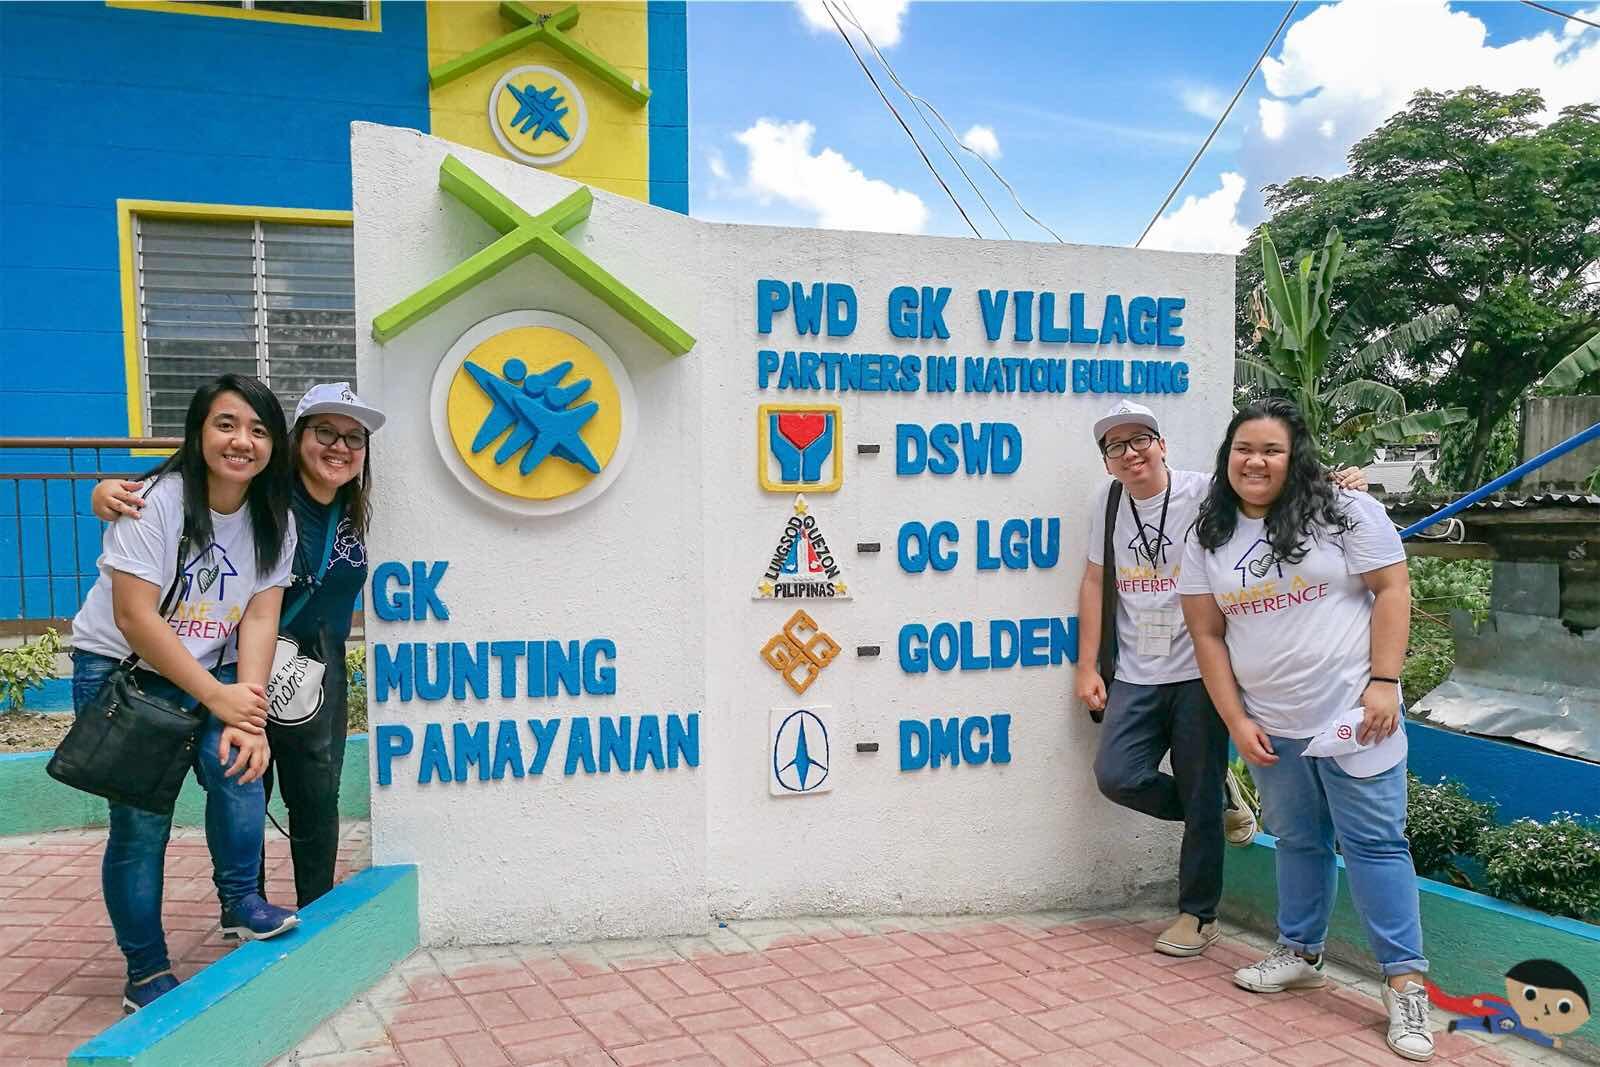 Gawad Kalinga (GK) Munting Pamayanan in Quezon City